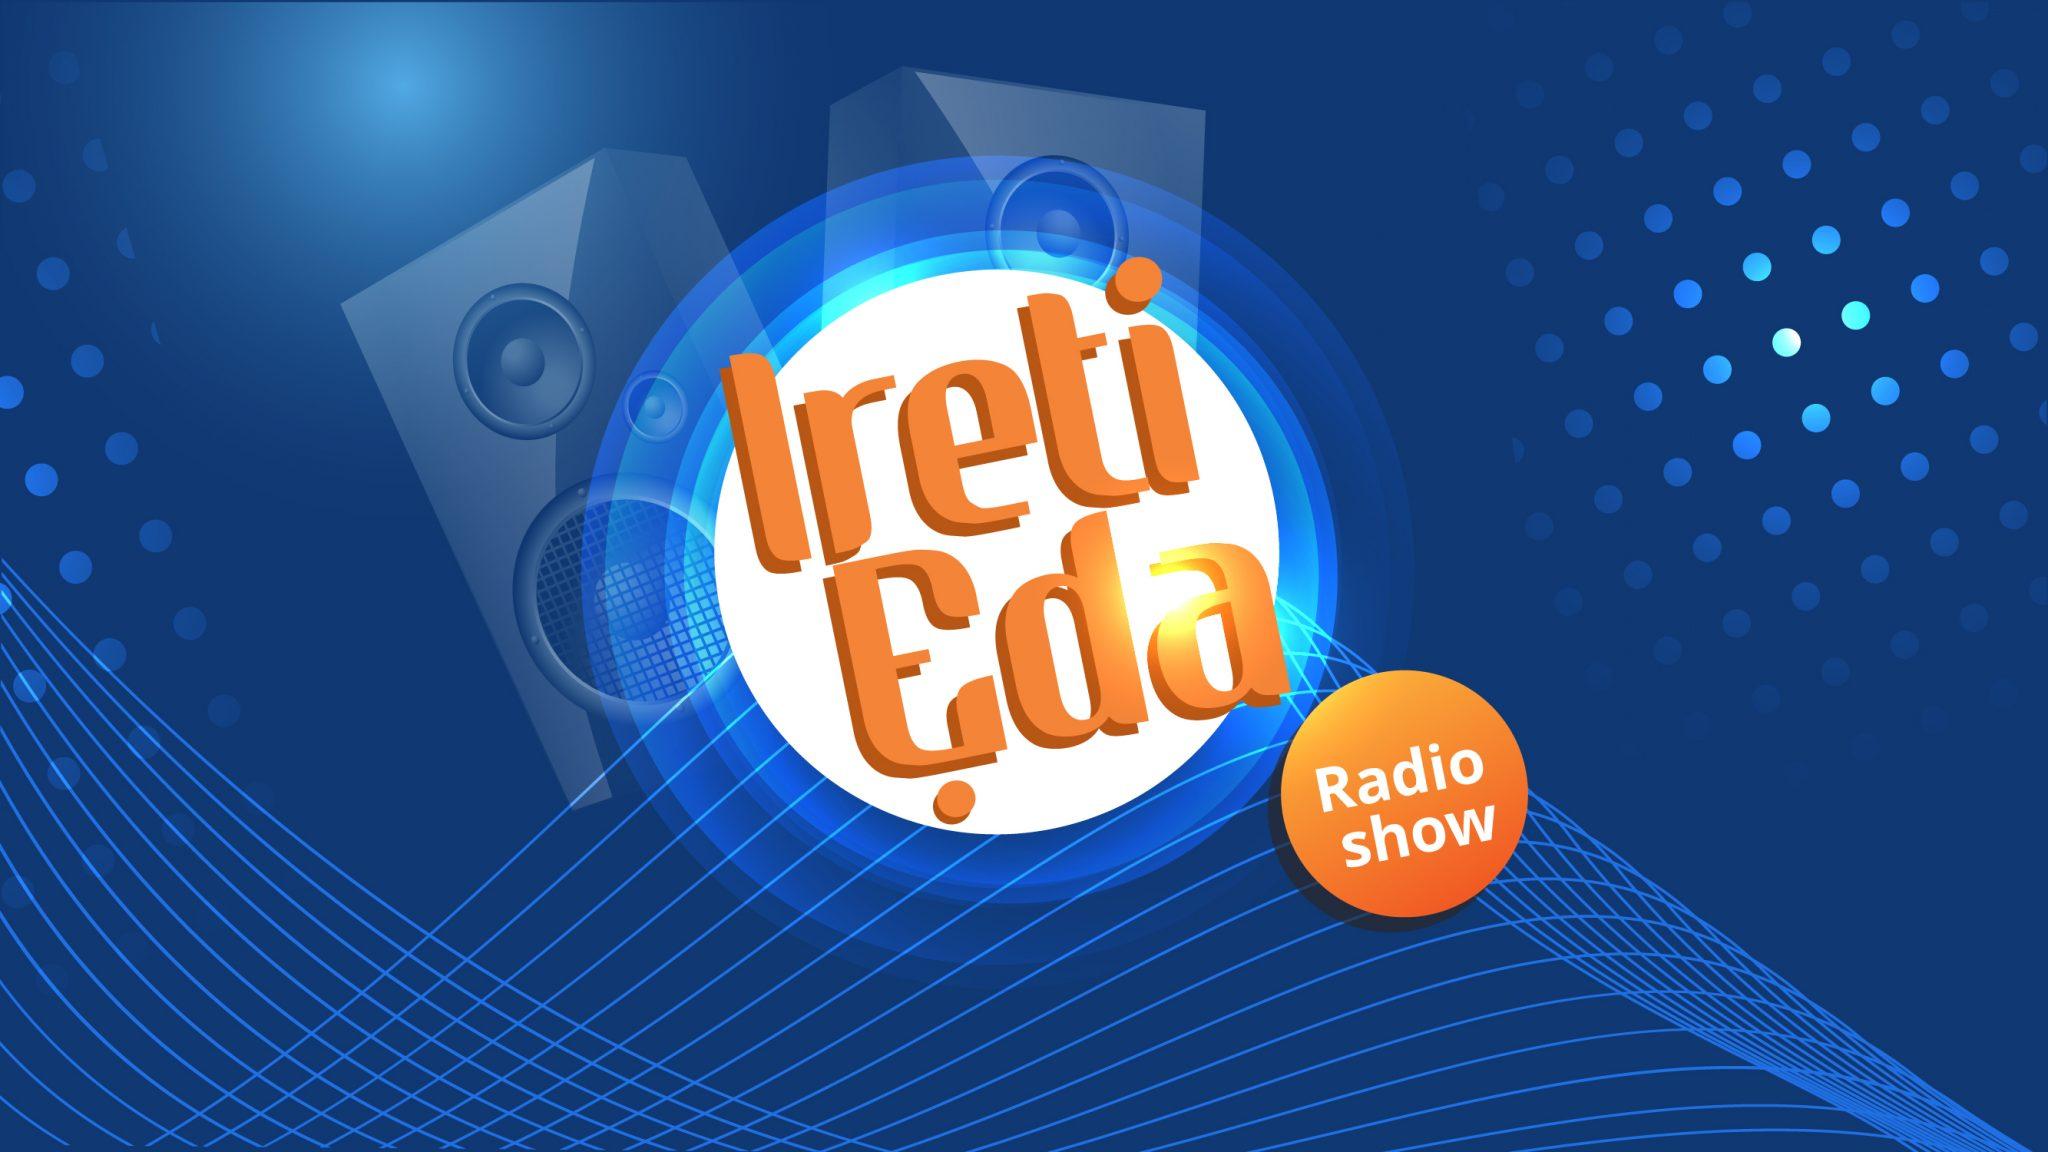 Ireti Eda Episode 16